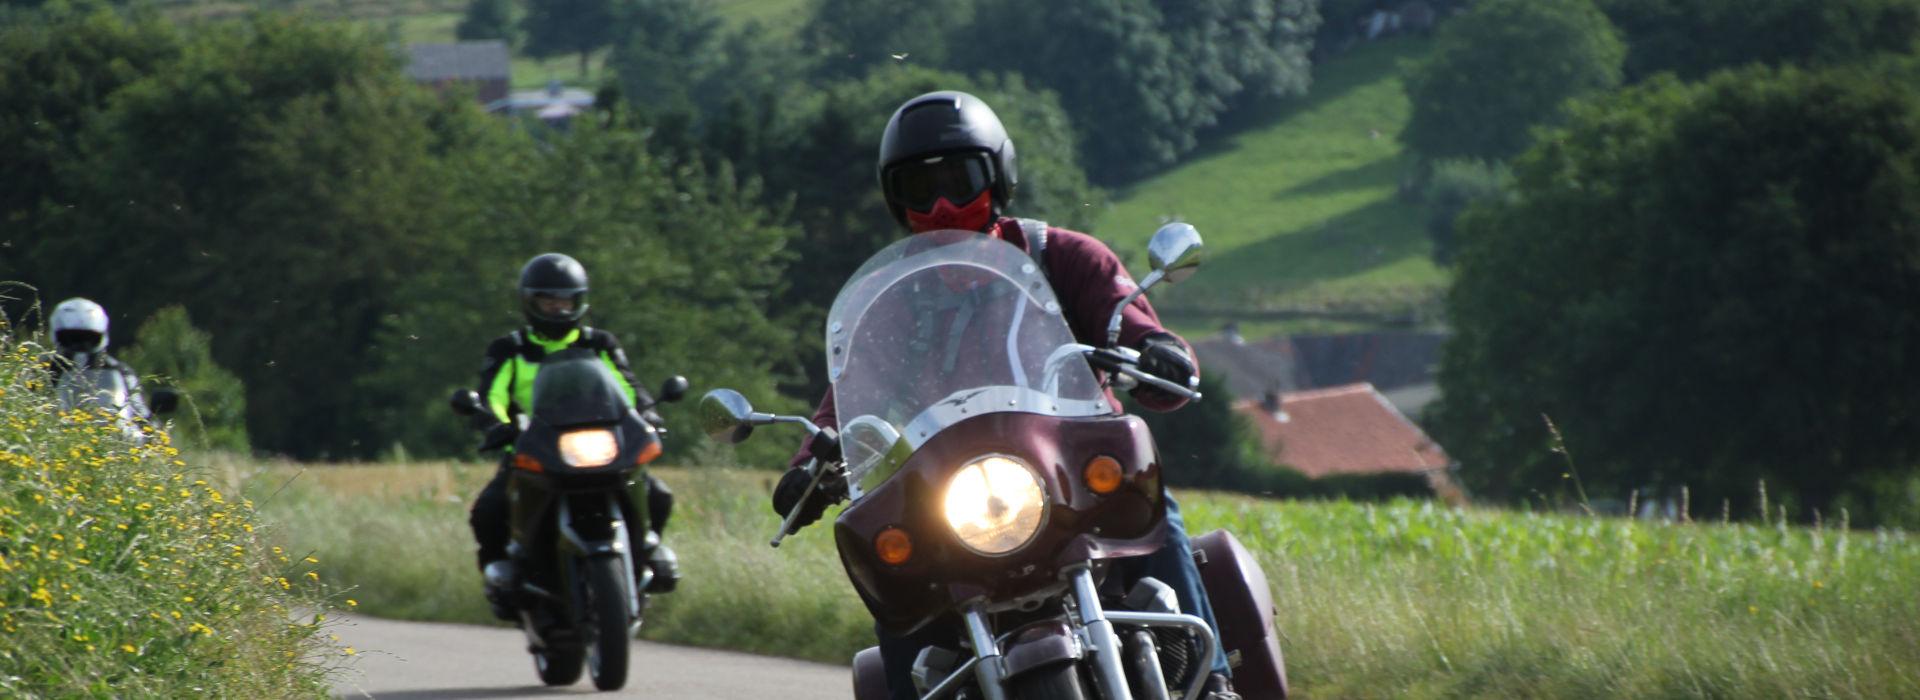 Motorrijschool Motorrijbewijspoint Heerjansdam motorrijlessen